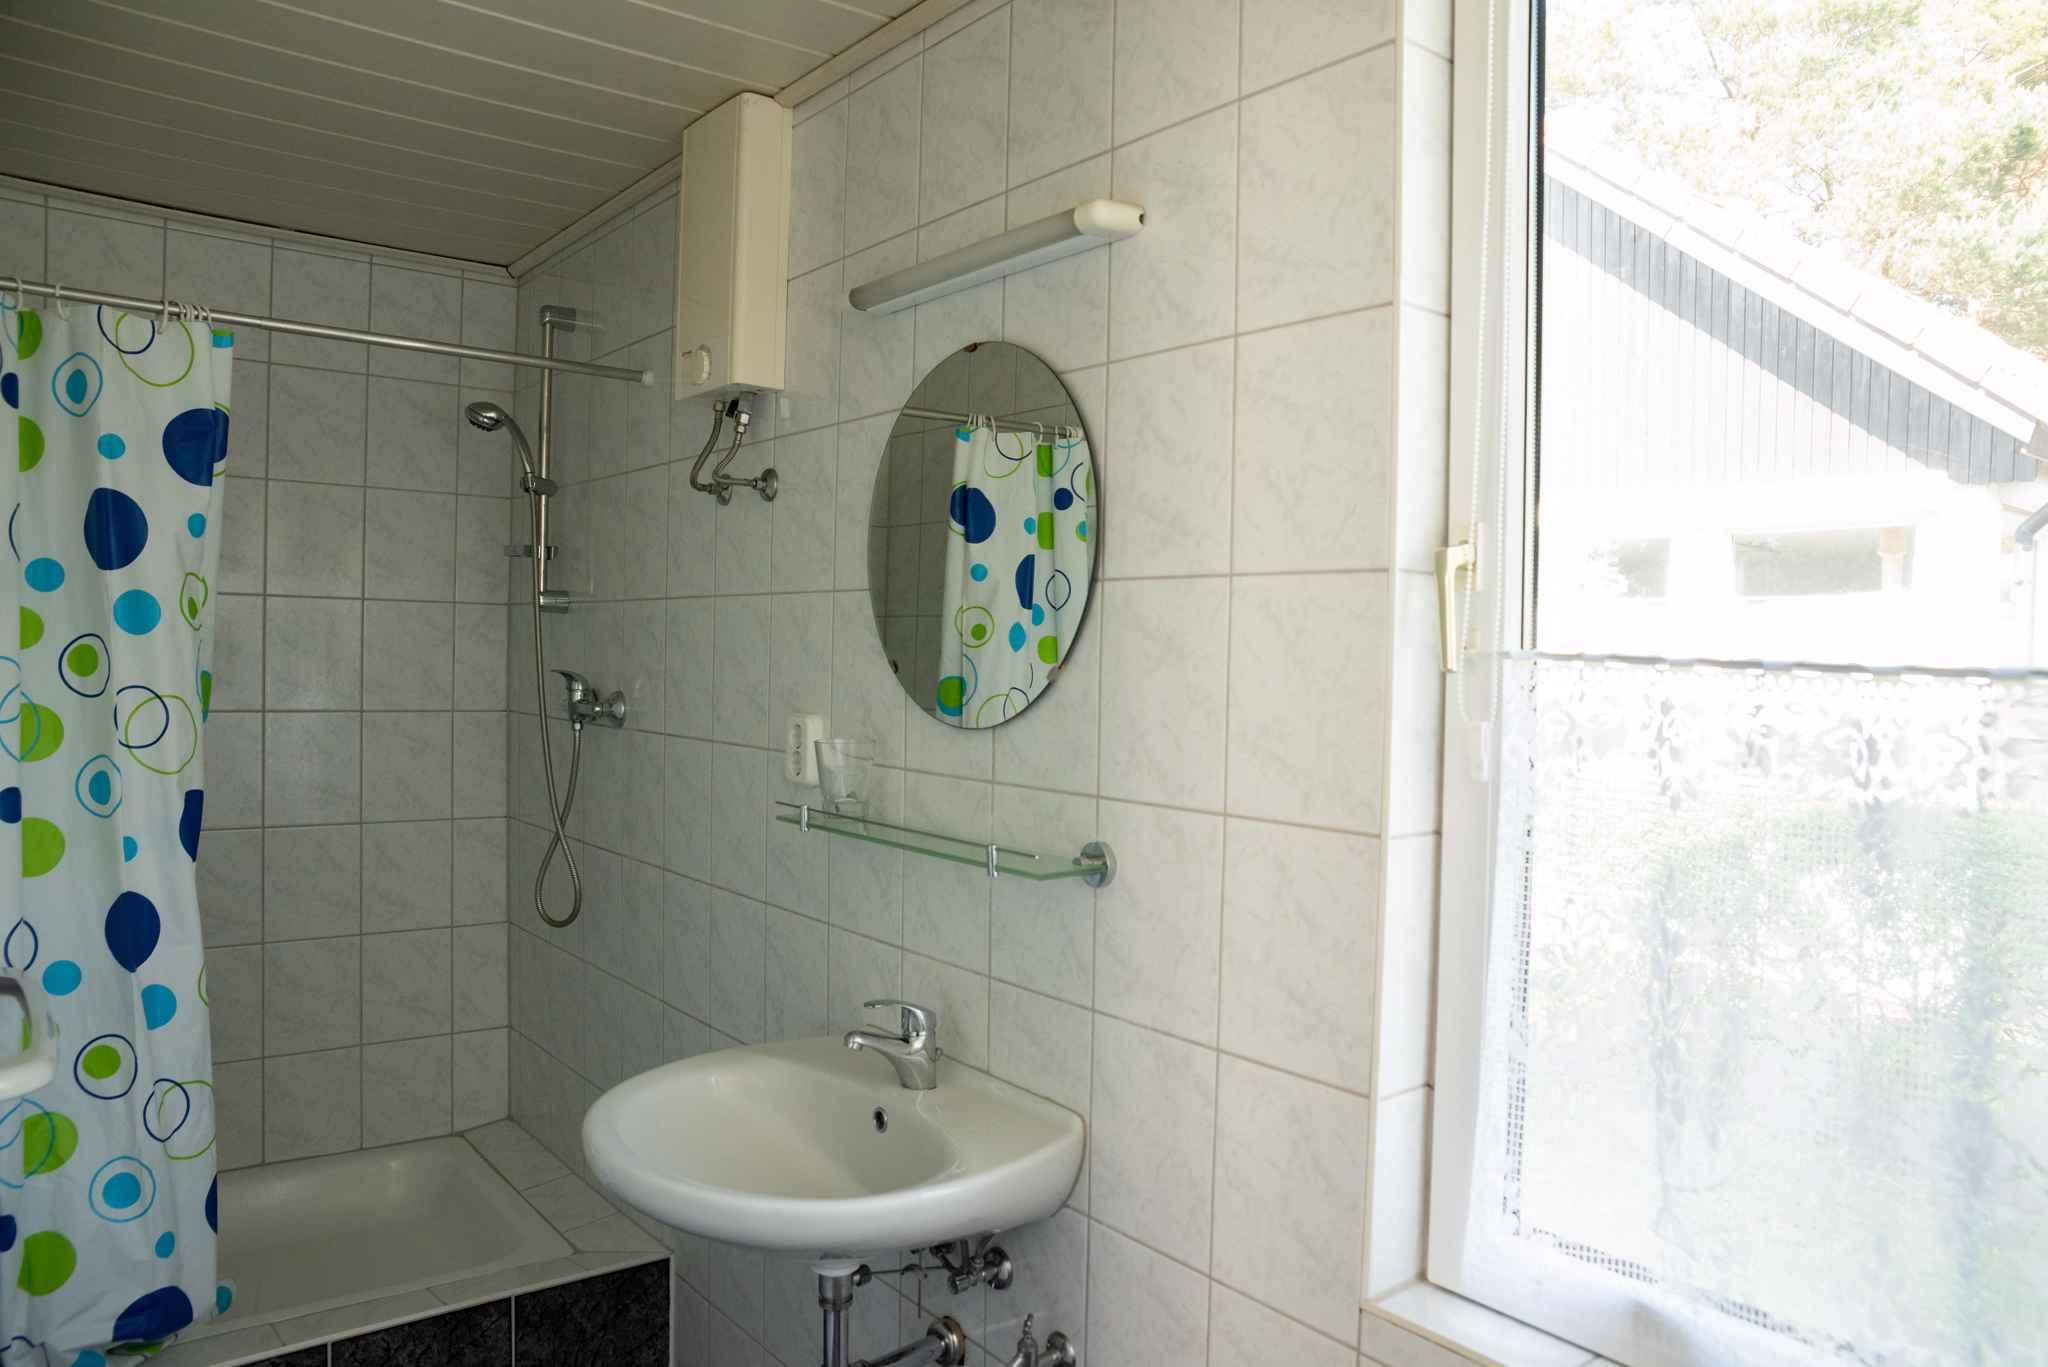 Ferienhaus Bungalow mit Terrasse und Garten (365438), Fuhlendorf, Ostseeküste Mecklenburg-Vorpommern, Mecklenburg-Vorpommern, Deutschland, Bild 9